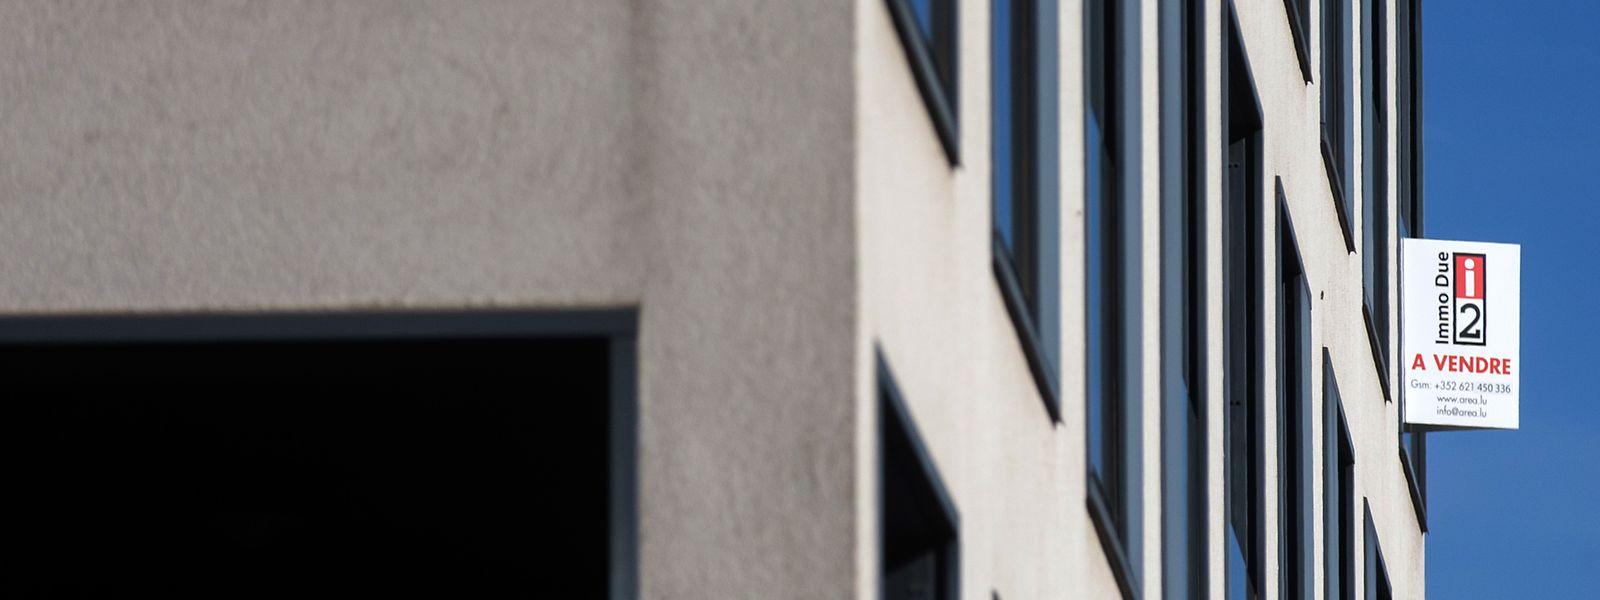 Au Luxembourg, les dernières données Eurostat mettent en avant une hausse de 14% des prix de l'immobilier au quatrième trimestre 2019.